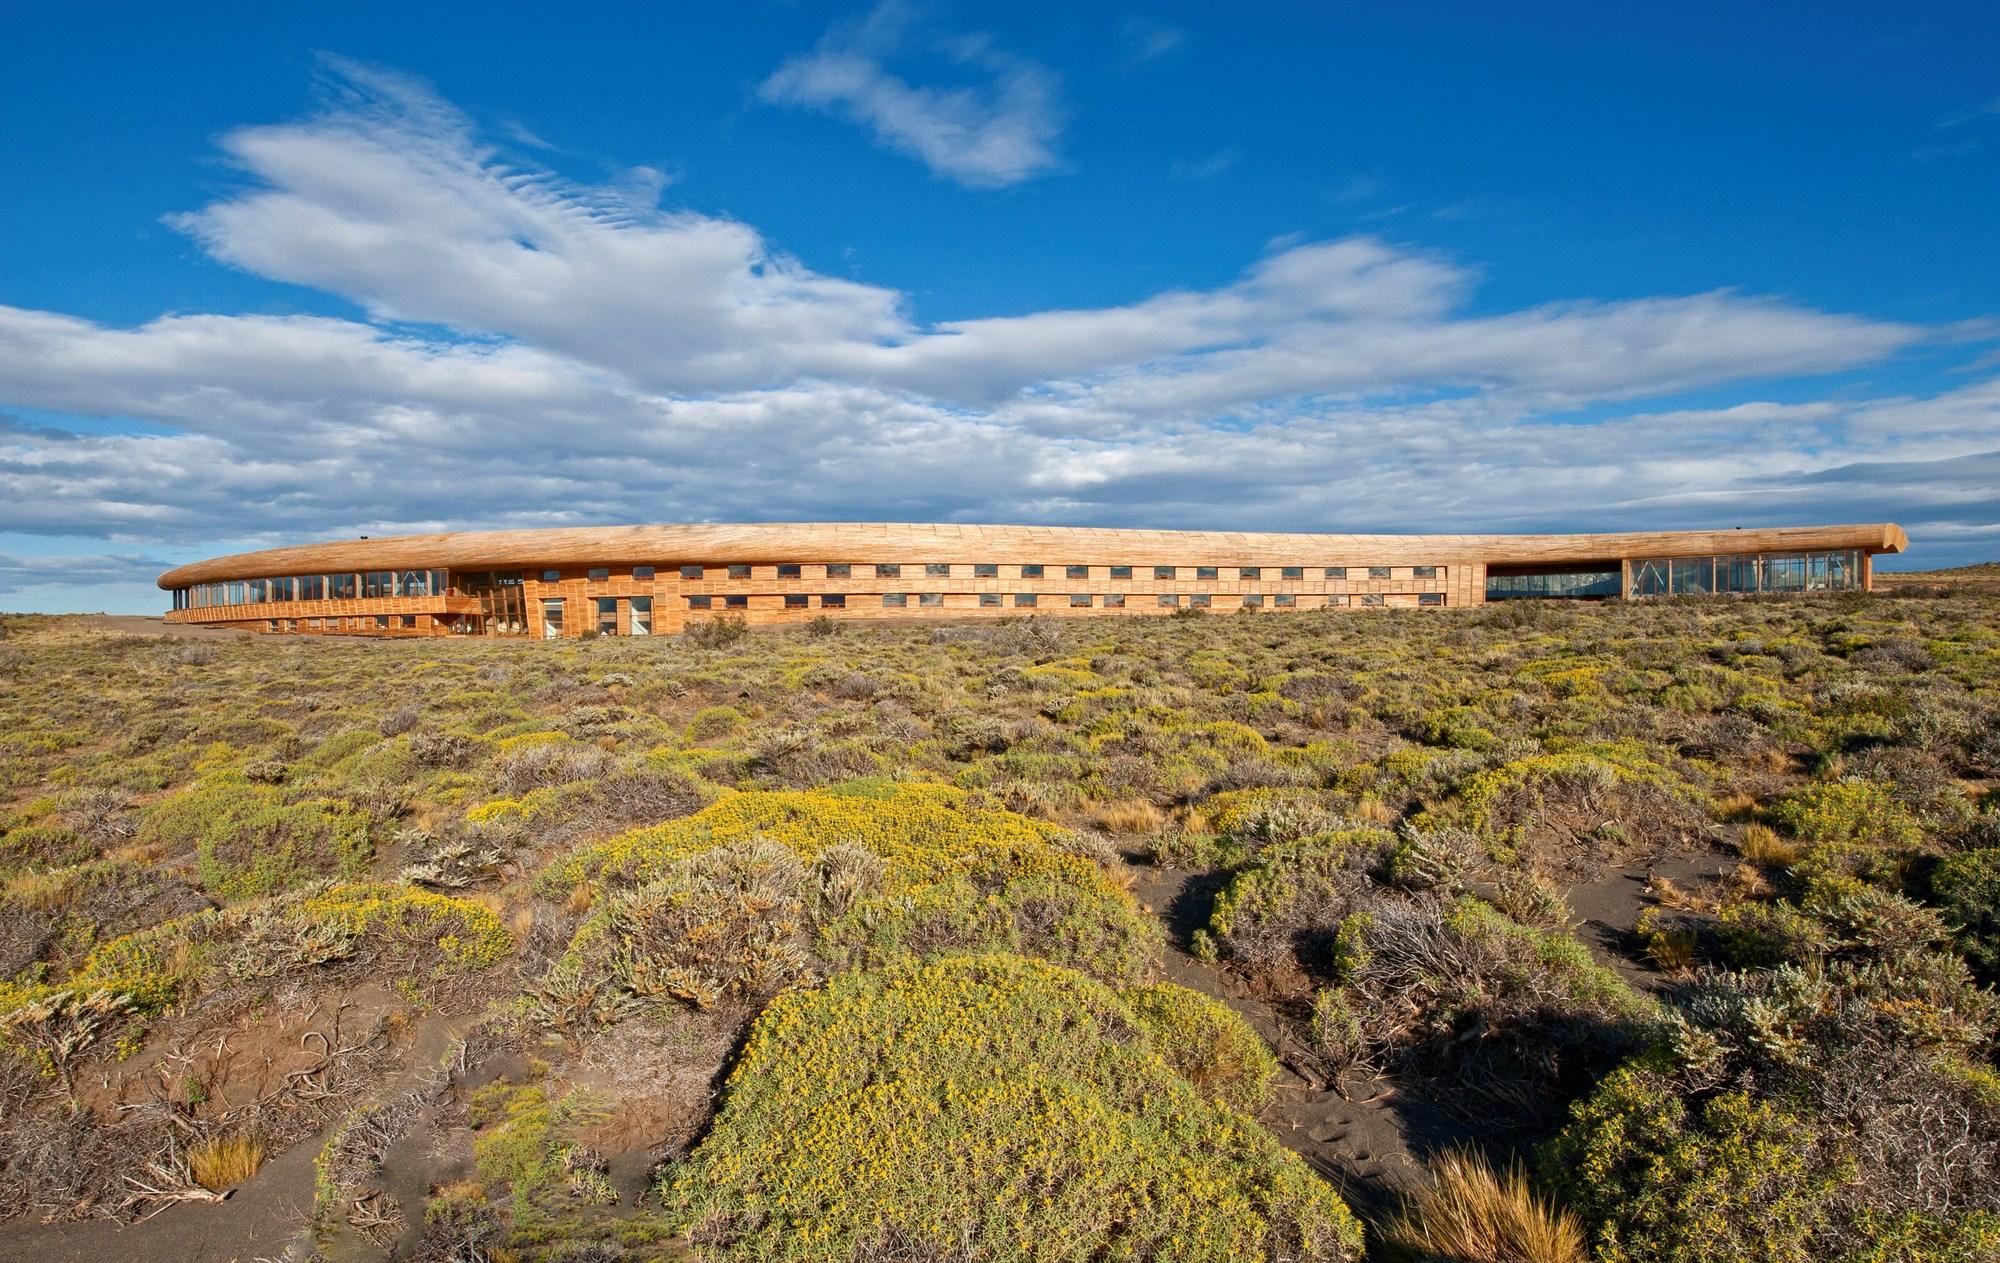 Una vista exterior panorámica del Hotel Tierra Patagonia.